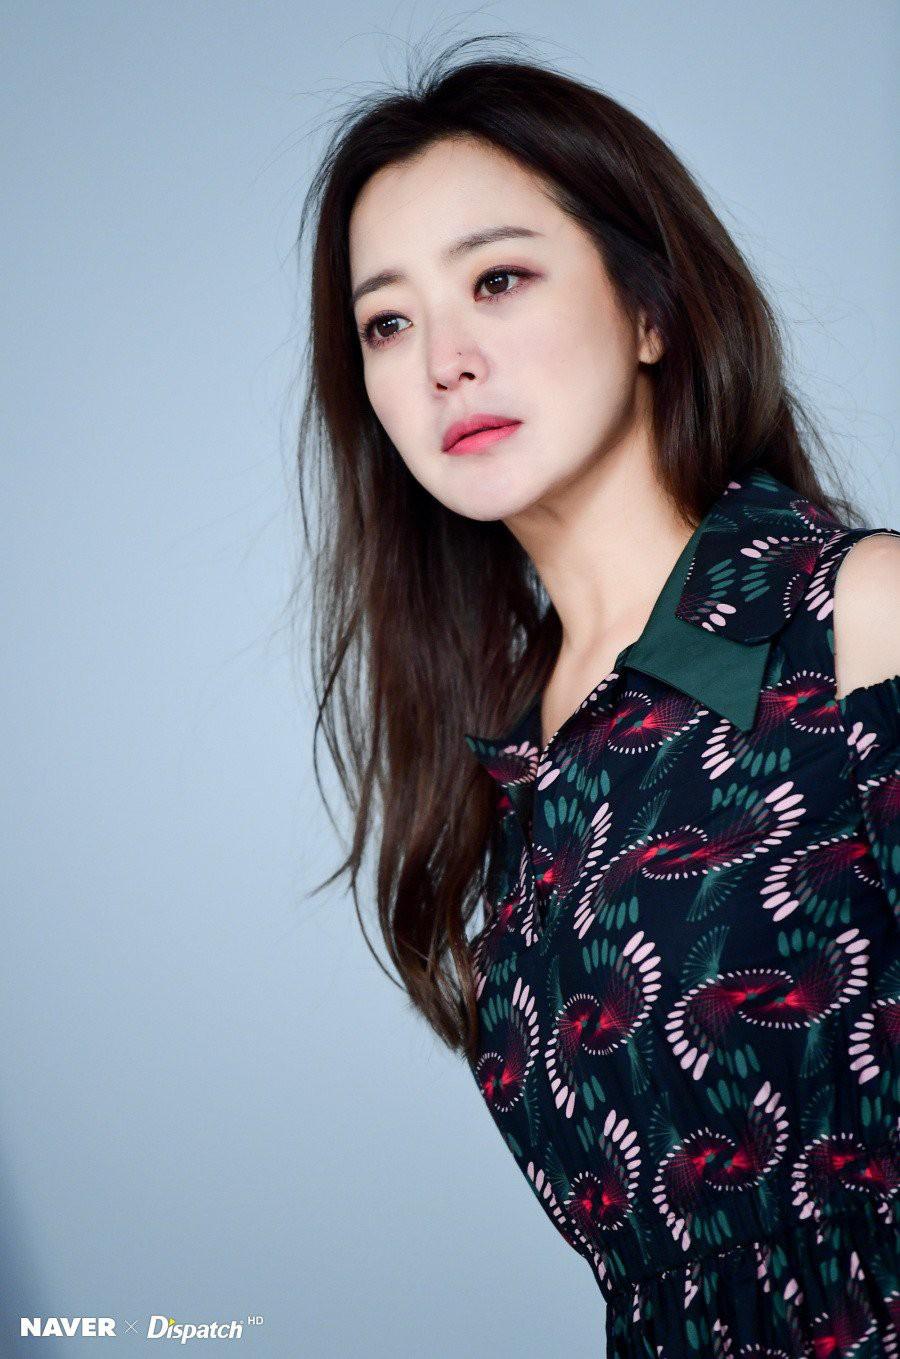 Chuyên gia thẩm mỹ chọn ra Top mỹ nhân có gương mặt đẹp nhất Kbiz: Cuối cùng idol đánh bật được diễn viên - Ảnh 6.